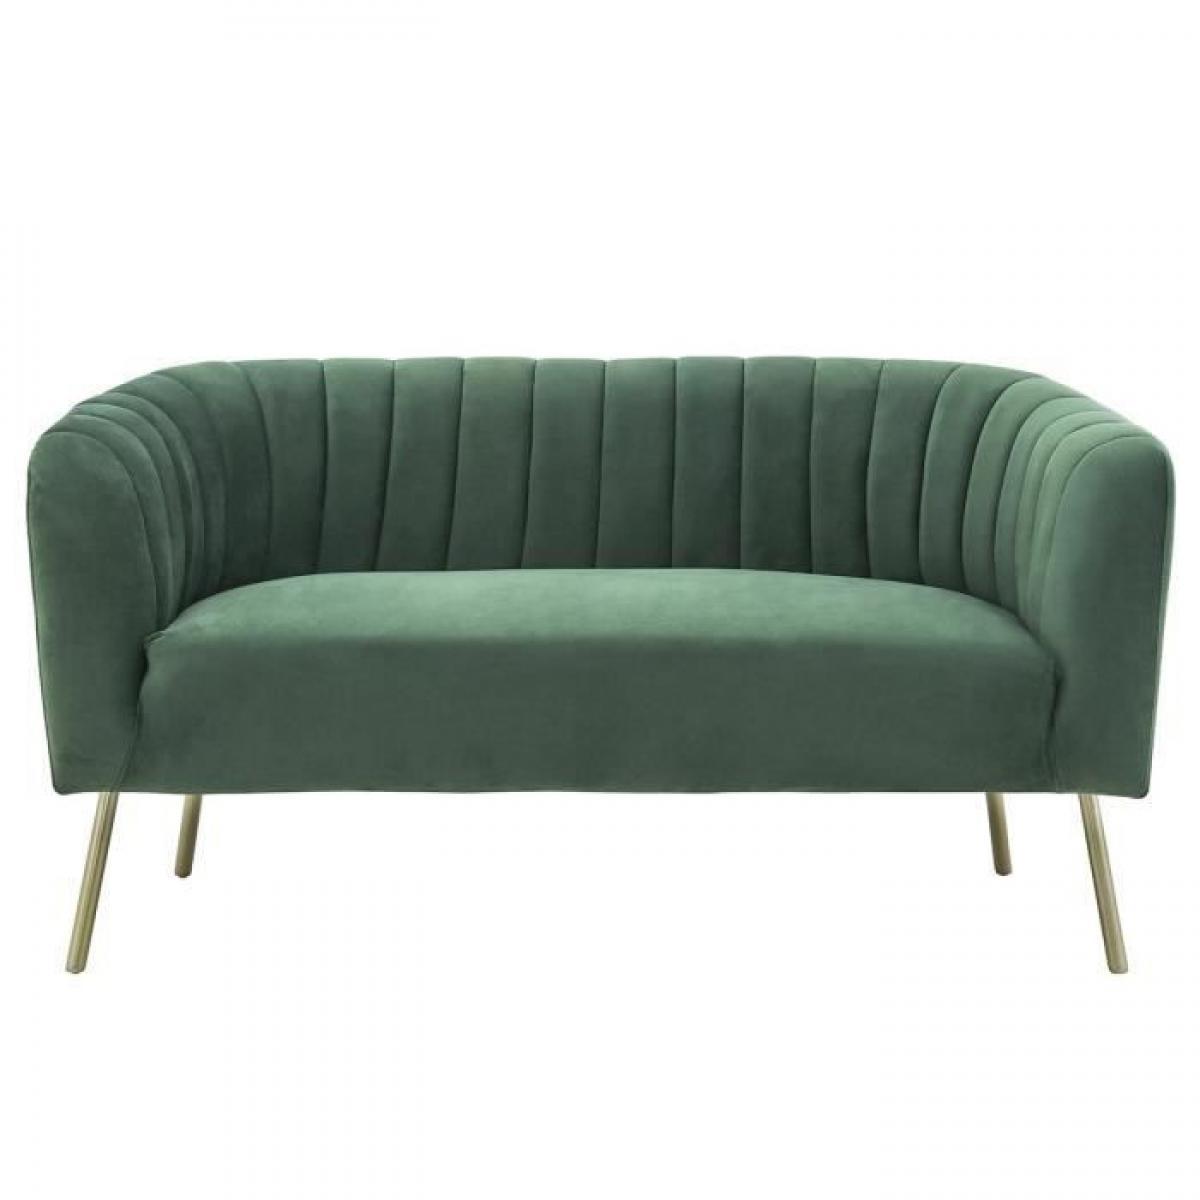 Sans Marque MATHIS Canape retro 2 places - Velours bleu vert et structure bois massif - L 167 x P 70 x H 71 cm